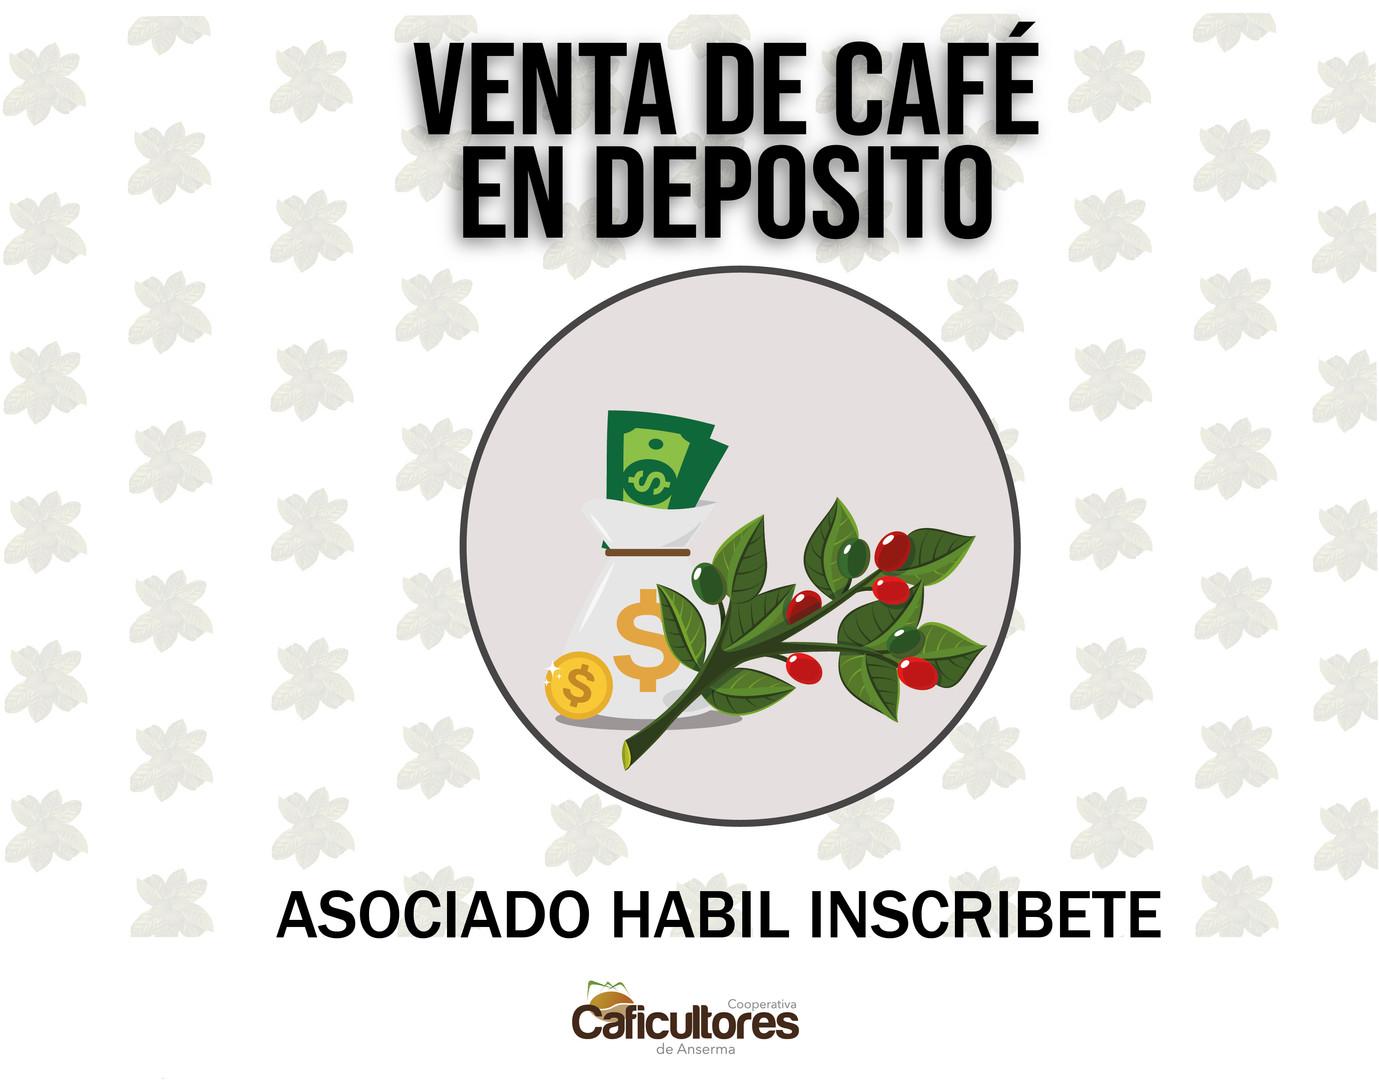 venta de cafe en deposito.jpg